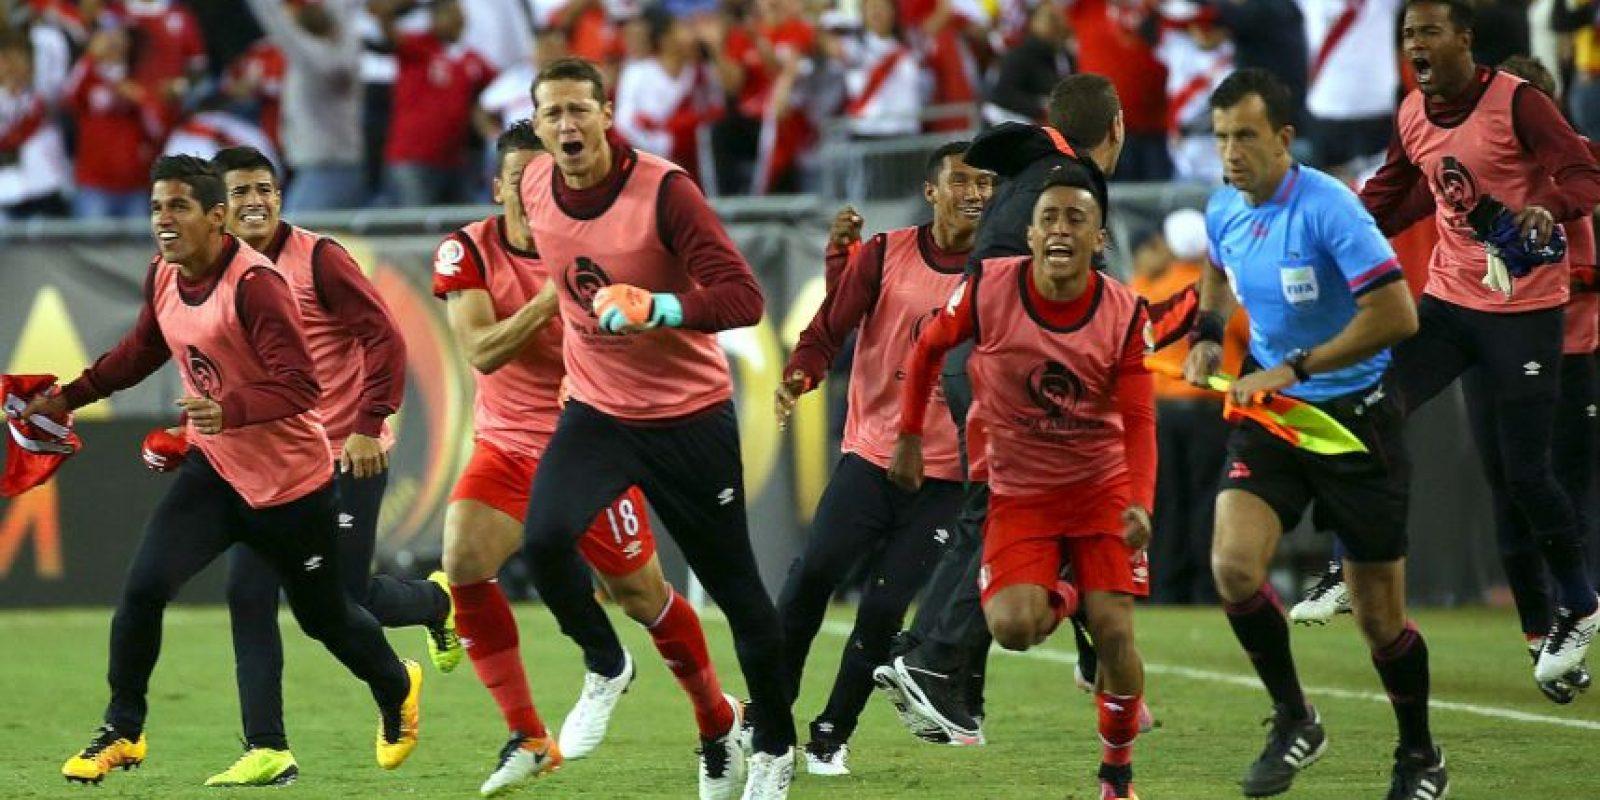 Perú sumó siete puntos tras vencer a Haití y Brasil, además de empatar ante Ecuador Foto:Getty Images